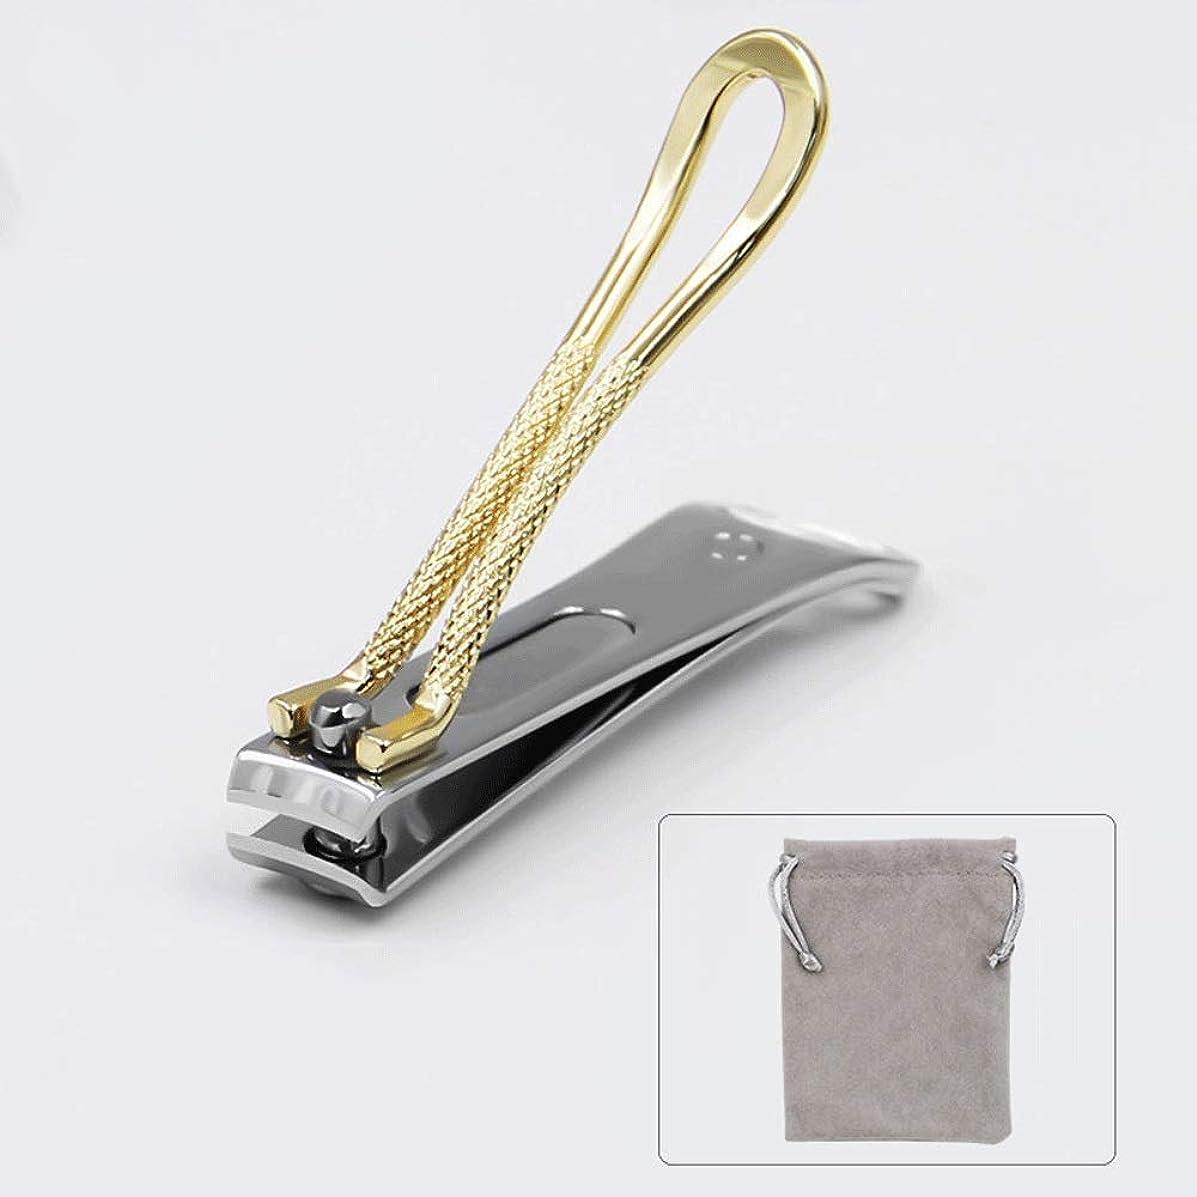 利点報酬謙虚ネイルクリッパーセット、爪&足の爪切り、大人のための耐久性のある鋭いステンレス鋼のネイルカッター Blingstars